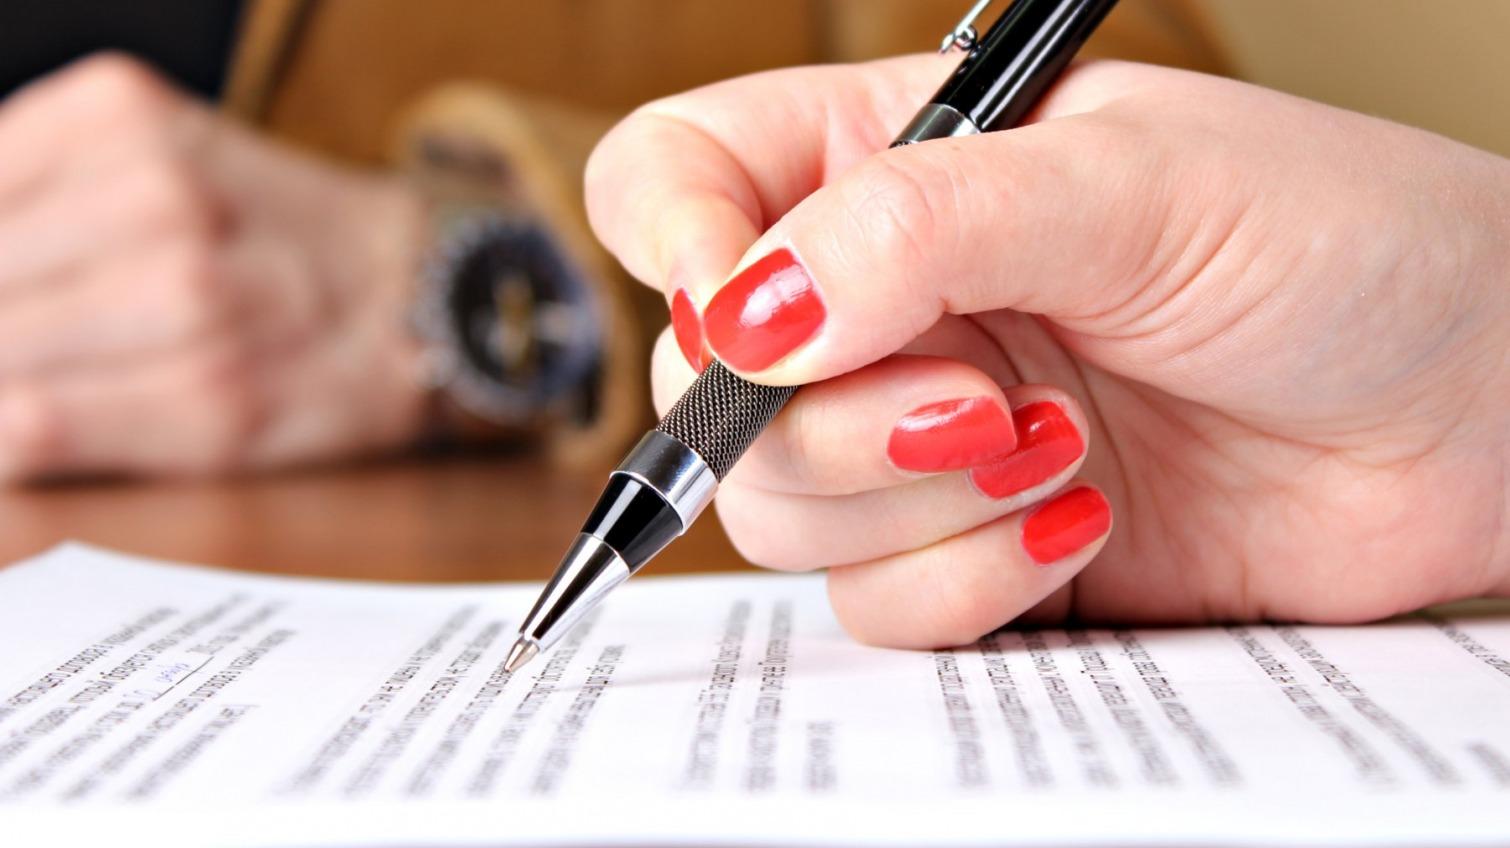 Переписала имущество : в Одессе будут судить регистратора — УСИ Online